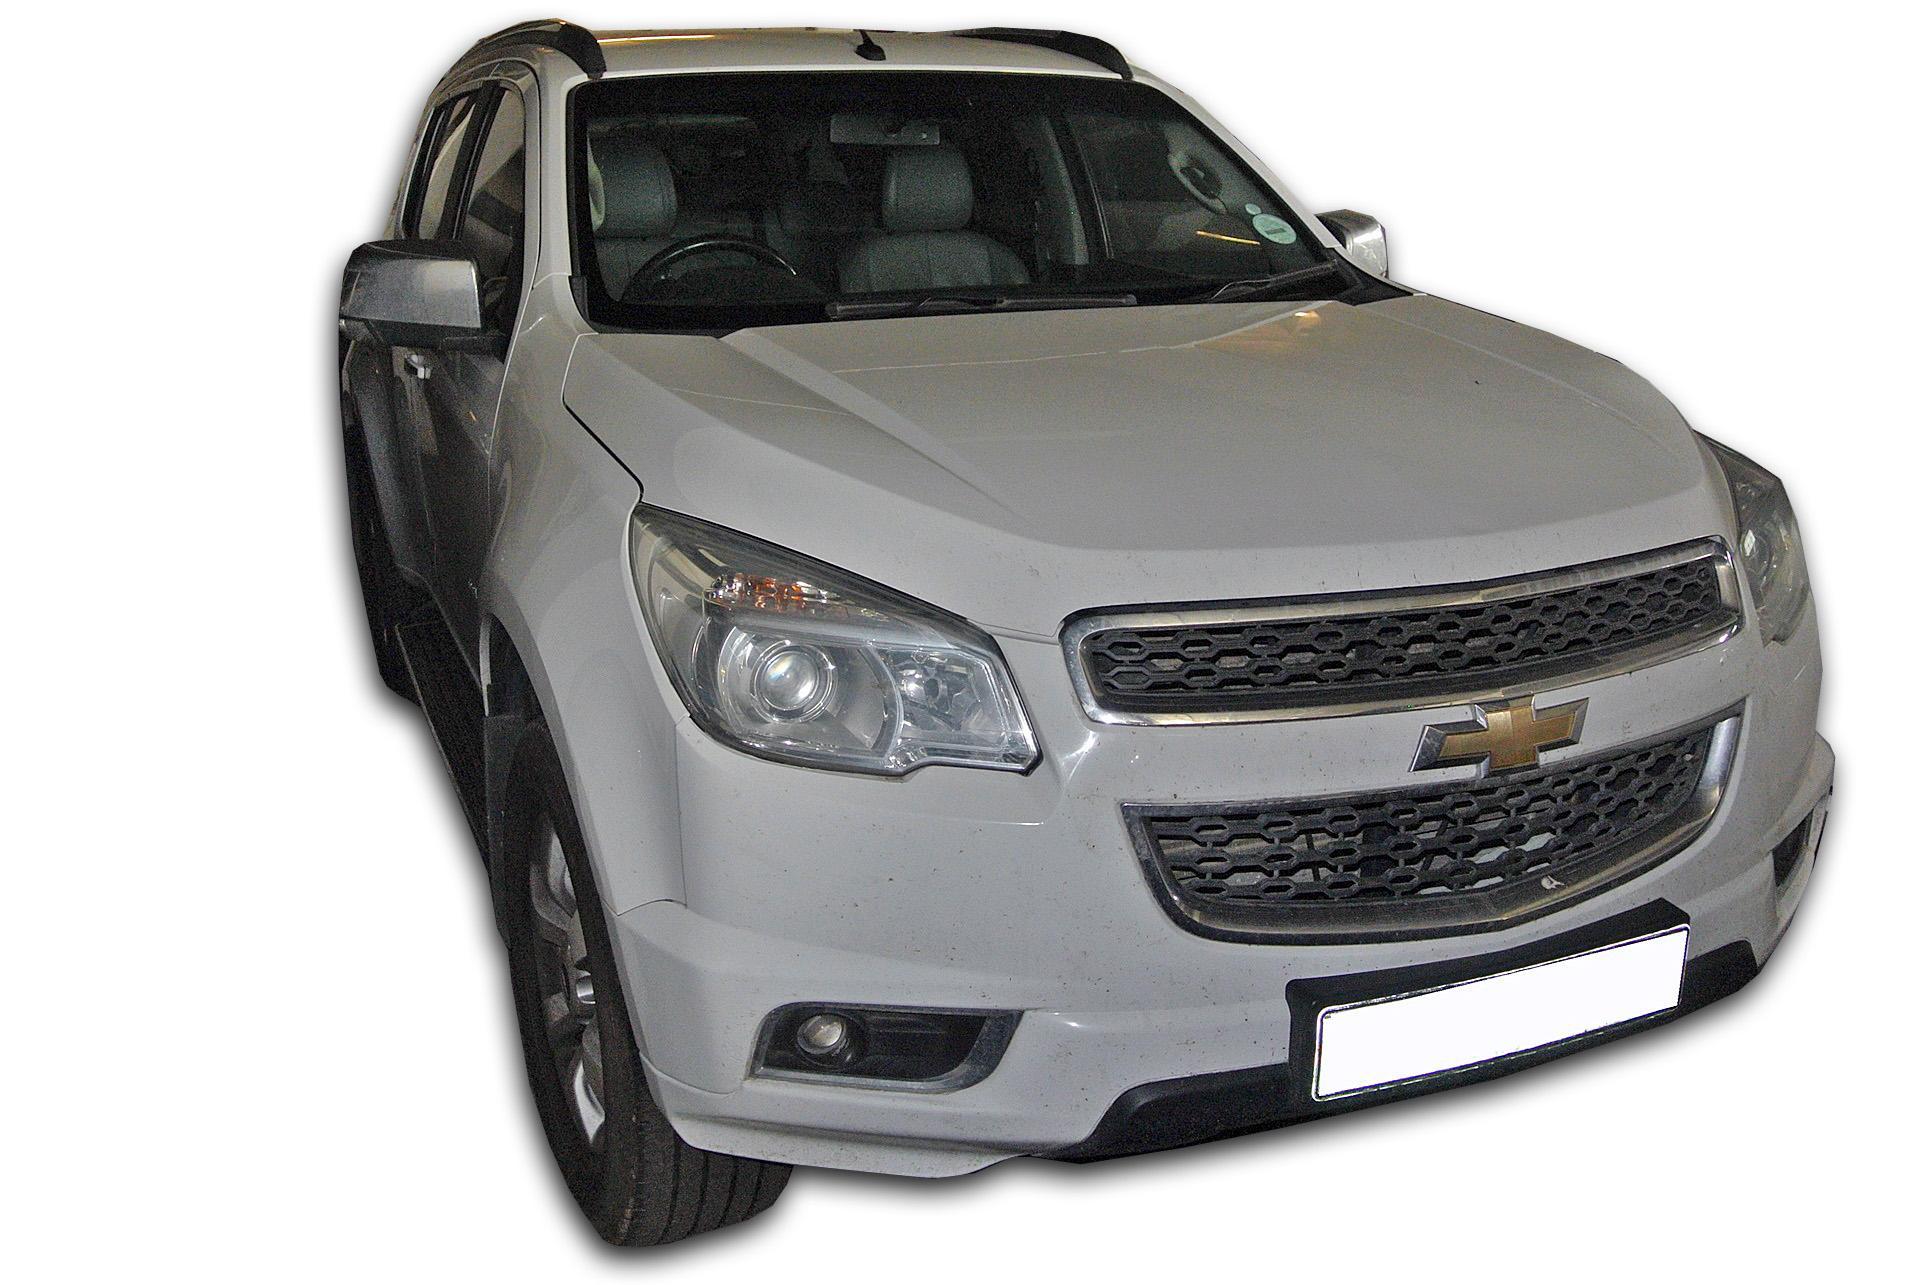 Chevrolet Trailblazer 2.8 LTZ